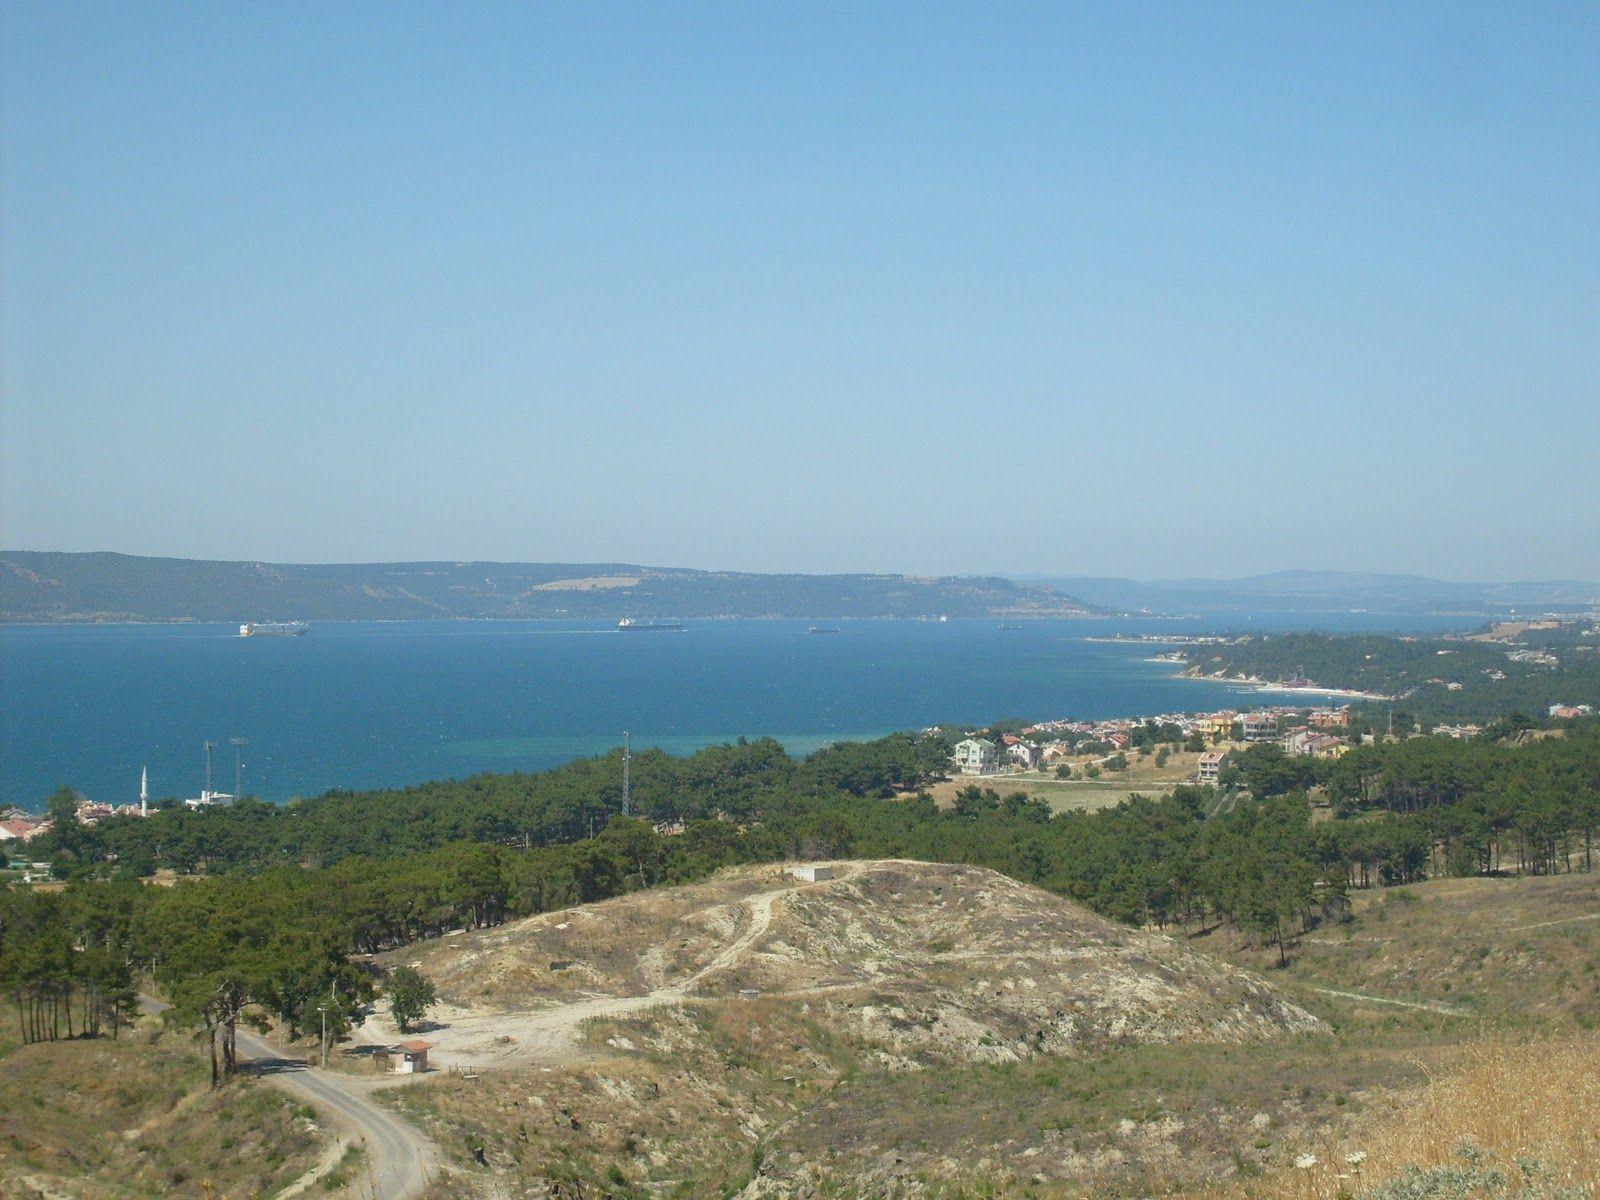 ¿Y qué dos mares une el estrecho de Dardanelos?